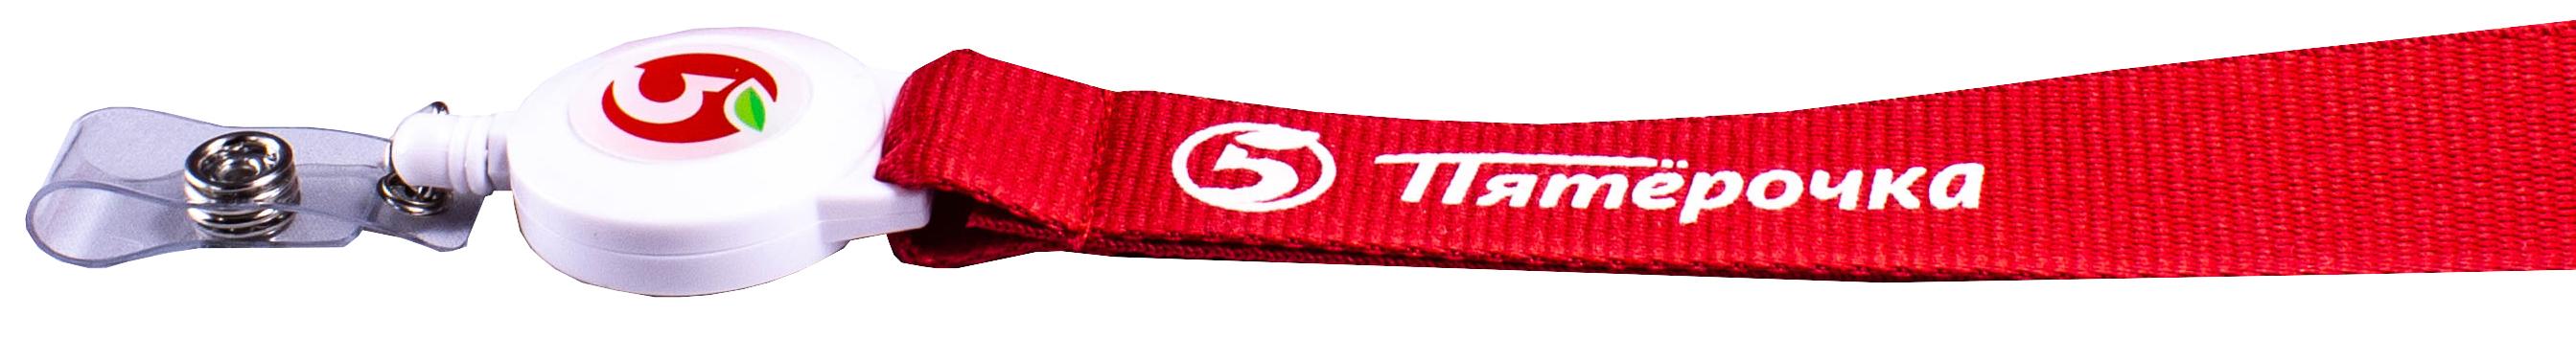 Красная лента для бейджа с напечатанным логотипом методом шелкографии